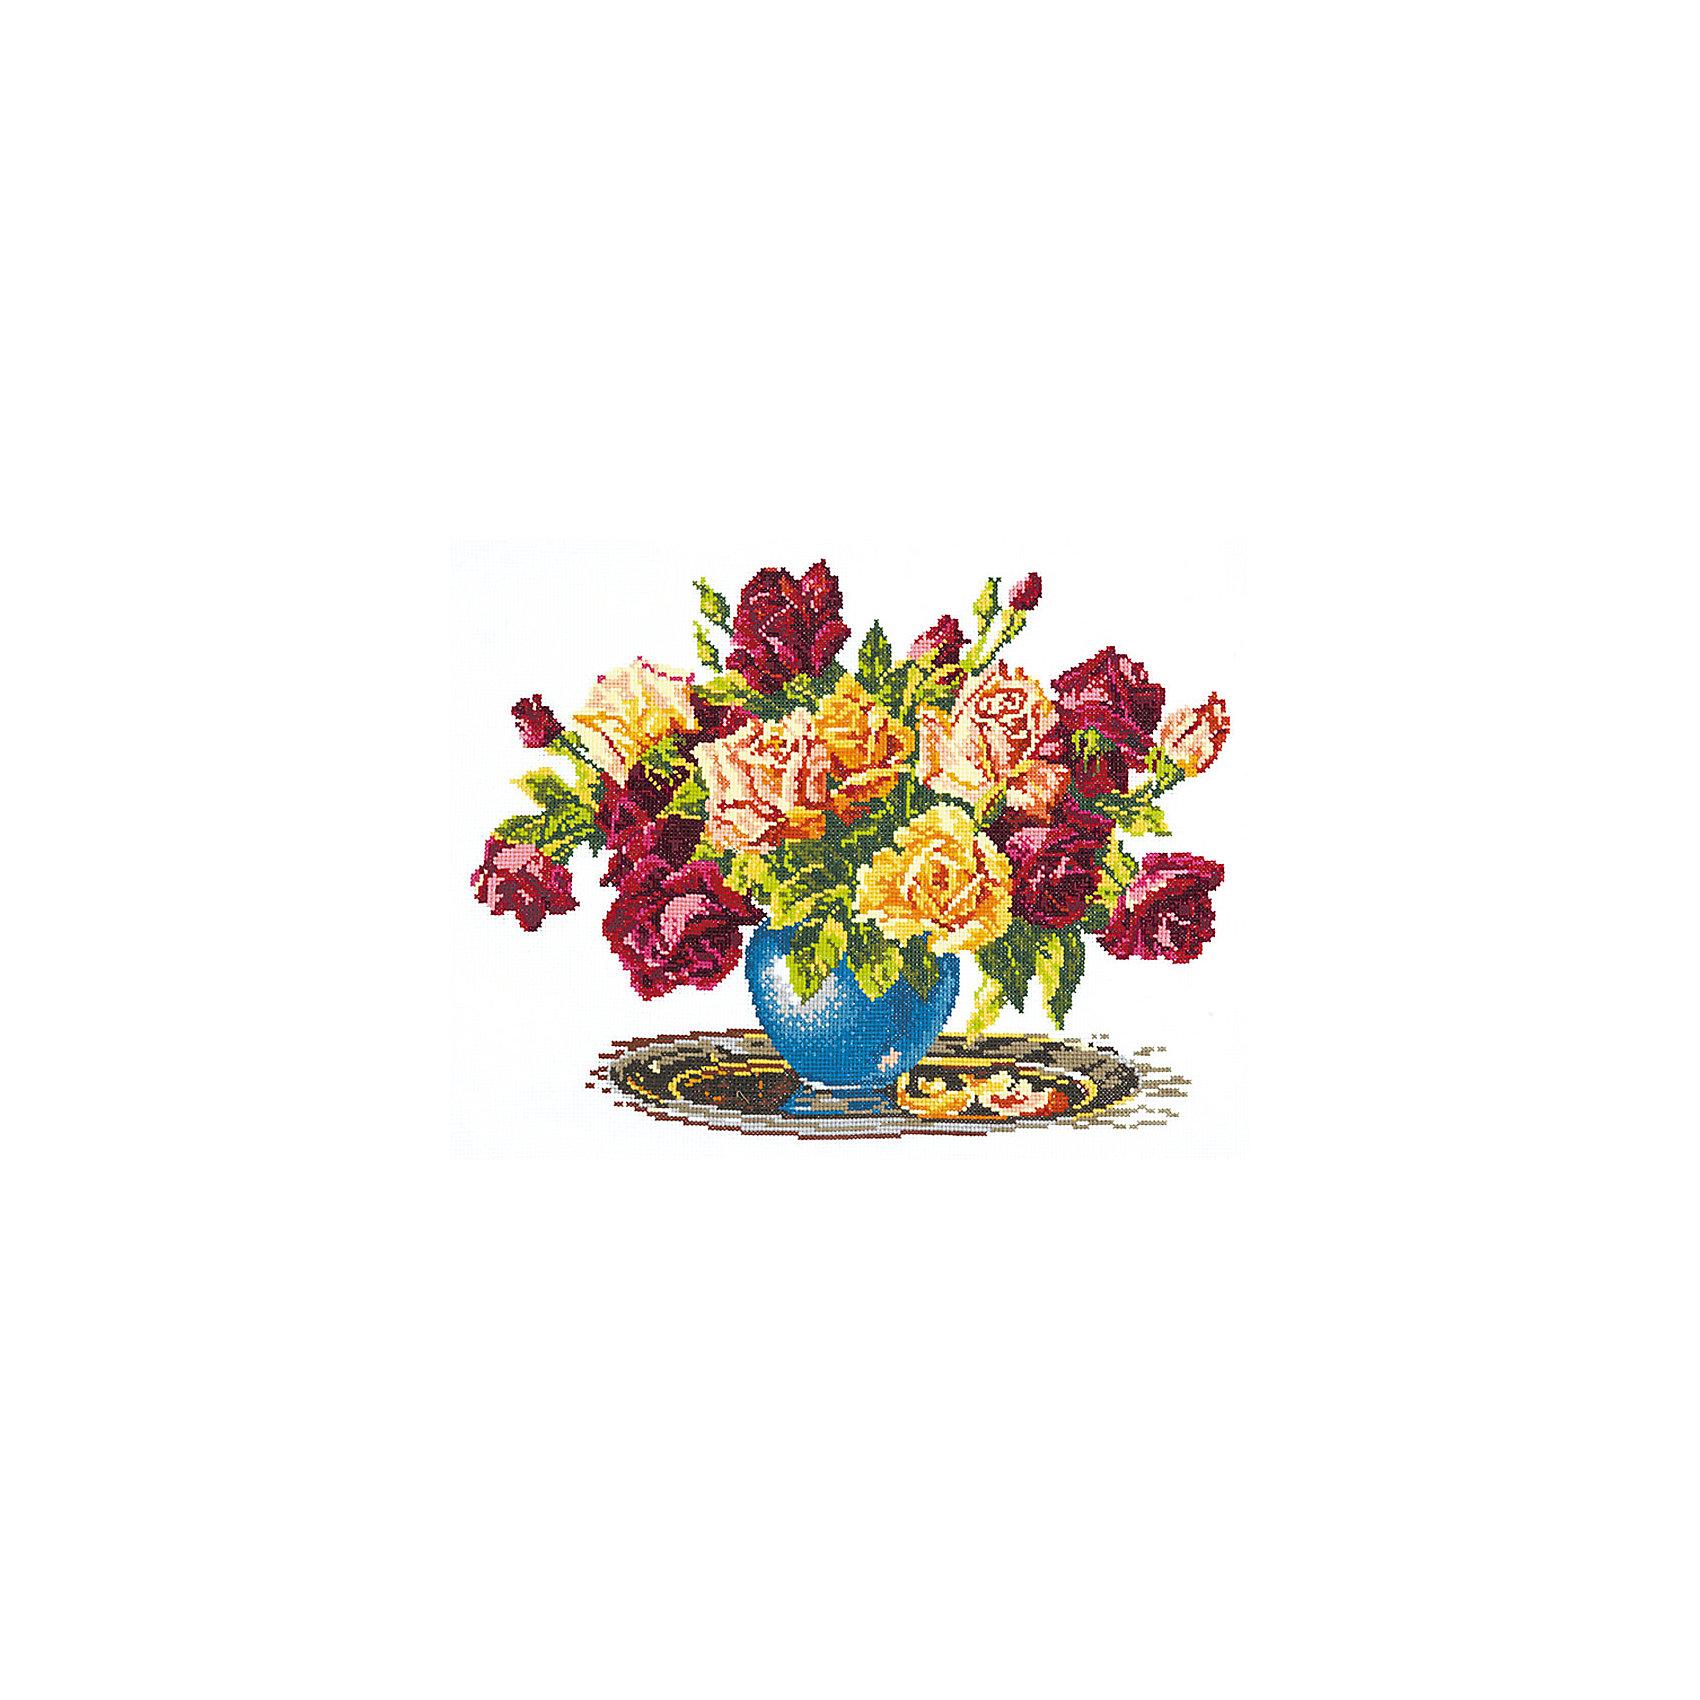 Набор для вышивания крестом «Розы»Набор для вышивания крестом «Розы» – это отличный подарок для маленьких рукодельниц!<br>Набор для вышивания крестом «Розы», несомненно, доставит удовольствие каждому ребенку. Вышивание - очень увлекательное занятие. Простота исполнения основного элемента (крестика) позволит даже начинающему любителю рукоделия достичь потрясающего результата. На вышивке изображен роскошный букет роз. Схема вышивки детально проработана. Набор порадует вас насыщенными красками, идеально подобранными нитками, а также канвой, которая имеет равномерную структуру, образующую отчетливые квадратики и отверстия в углах этих квадратов, облегчающие проведение иглы и весь процесс вышивки. А законченная вышивка прекрасно украсит любой интерьер, создаст уютную атмосферу в доме или станет самым ценным для друзей и знакомых. Вышивание крестиком поможет ребенку научиться пользоваться инструментами для шитья и поспособствует развитию творческих способностей.<br><br>Дополнительная информация:<br><br>- В наборе: нитки мулине 24 цвета; игла для вышивания №24; канва Аида 14, белого цвета (без рисунка); черно-белая схема для вышивания; краткая инструкция на русском языке<br>- Мулине: 100% хлопок<br>- Канва Аида 14: 100% хлопок, 55 клеточек на 10 см.<br>- Размер готового изделия: 34 х 26 см.<br>- Техника: счетный крест<br>- Сложность: средняя<br><br>Набор для вышивания крестом «Розы» можно купить в нашем интернет-магазине.<br><br>Ширина мм: 350<br>Глубина мм: 200<br>Высота мм: 50<br>Вес г: 200<br>Возраст от месяцев: 84<br>Возраст до месяцев: 168<br>Пол: Женский<br>Возраст: Детский<br>SKU: 4518081